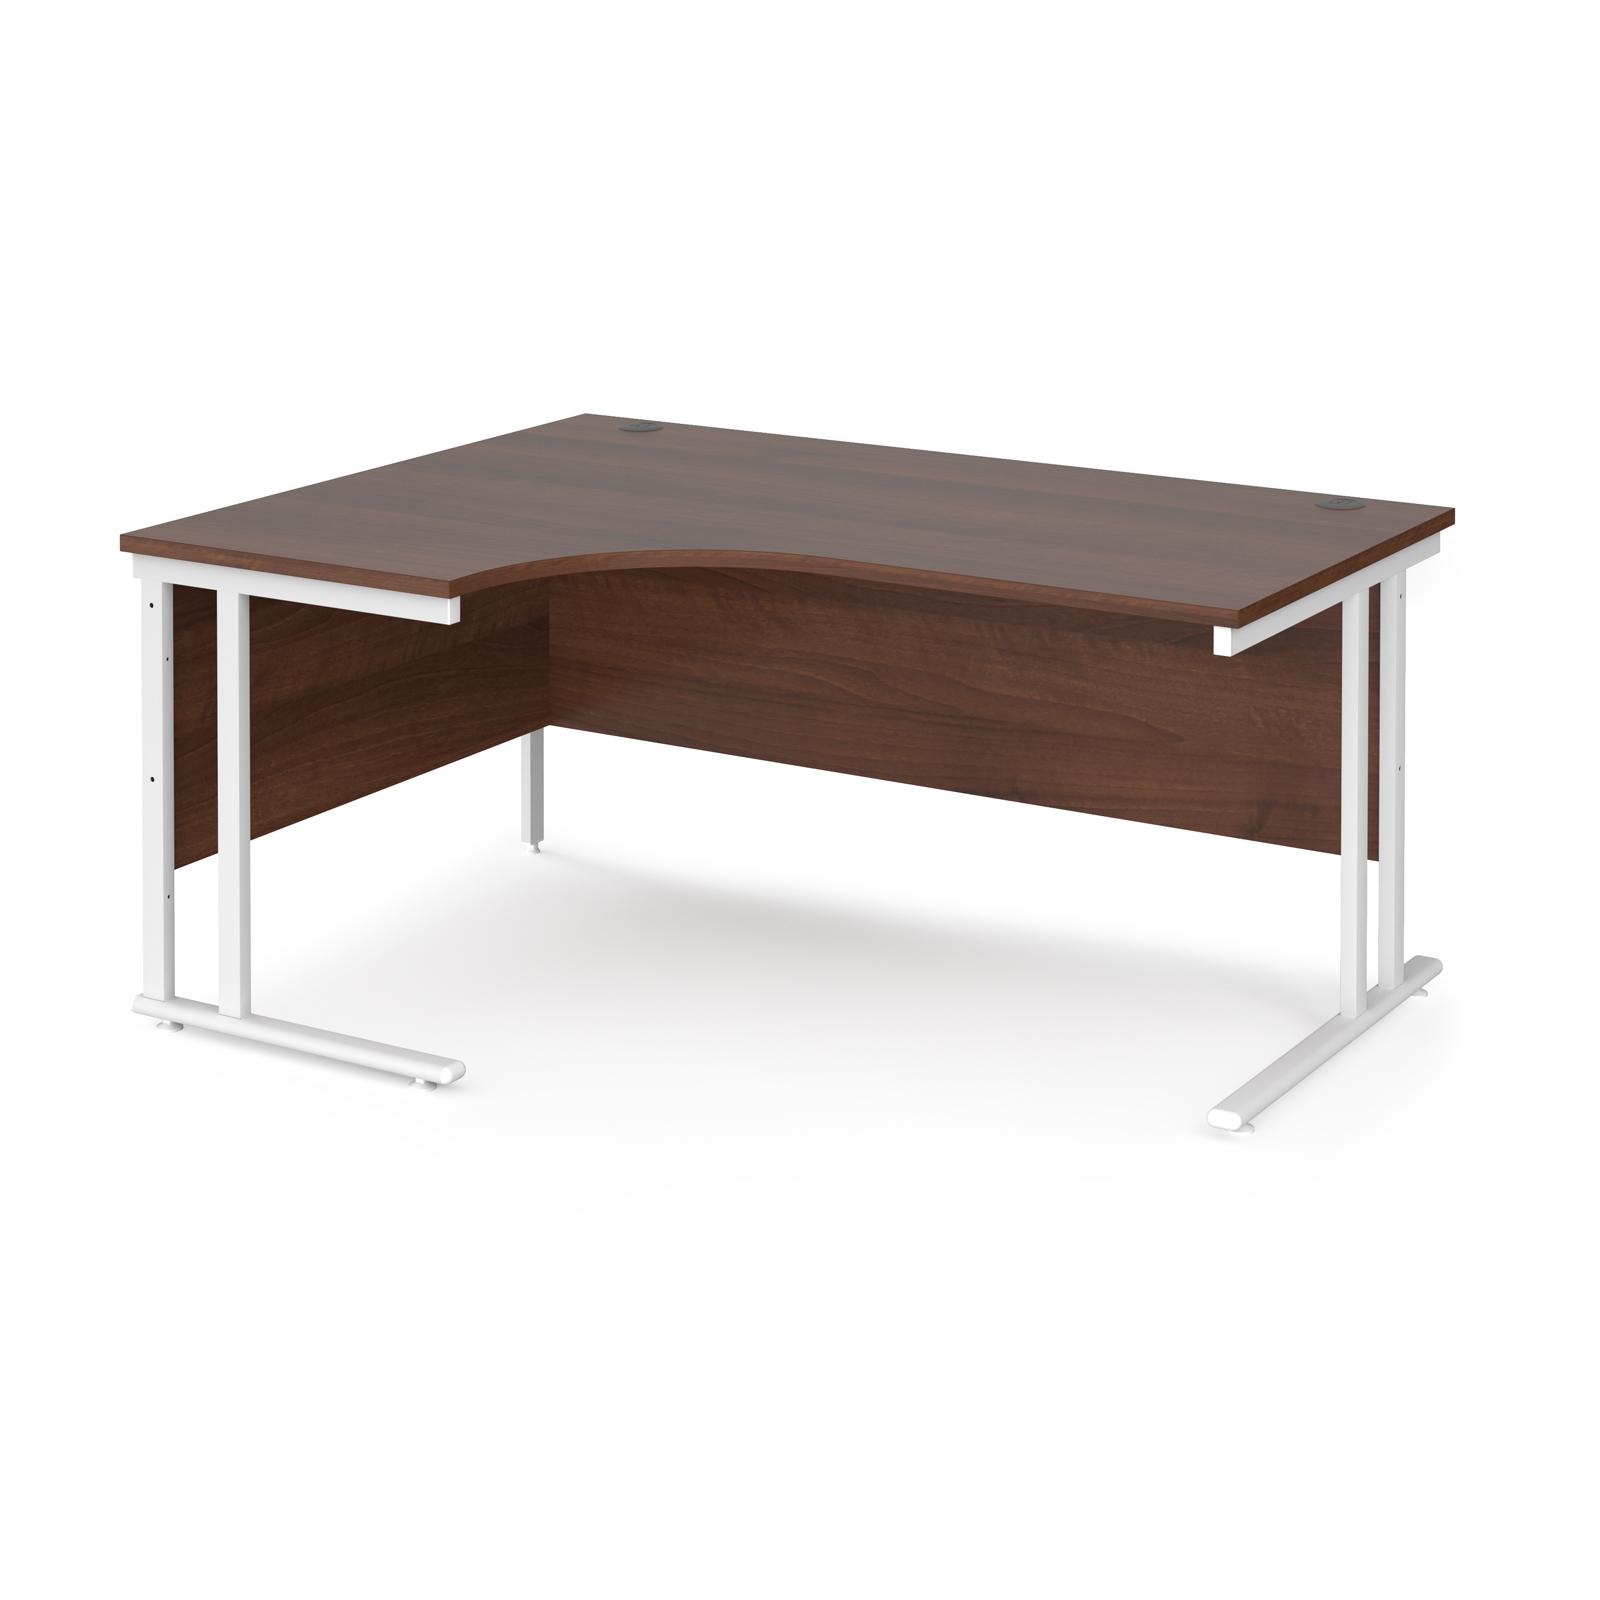 Maestro 25 left hand ergonomic desk 1600mm wide - white cantilever leg frame, walnut top